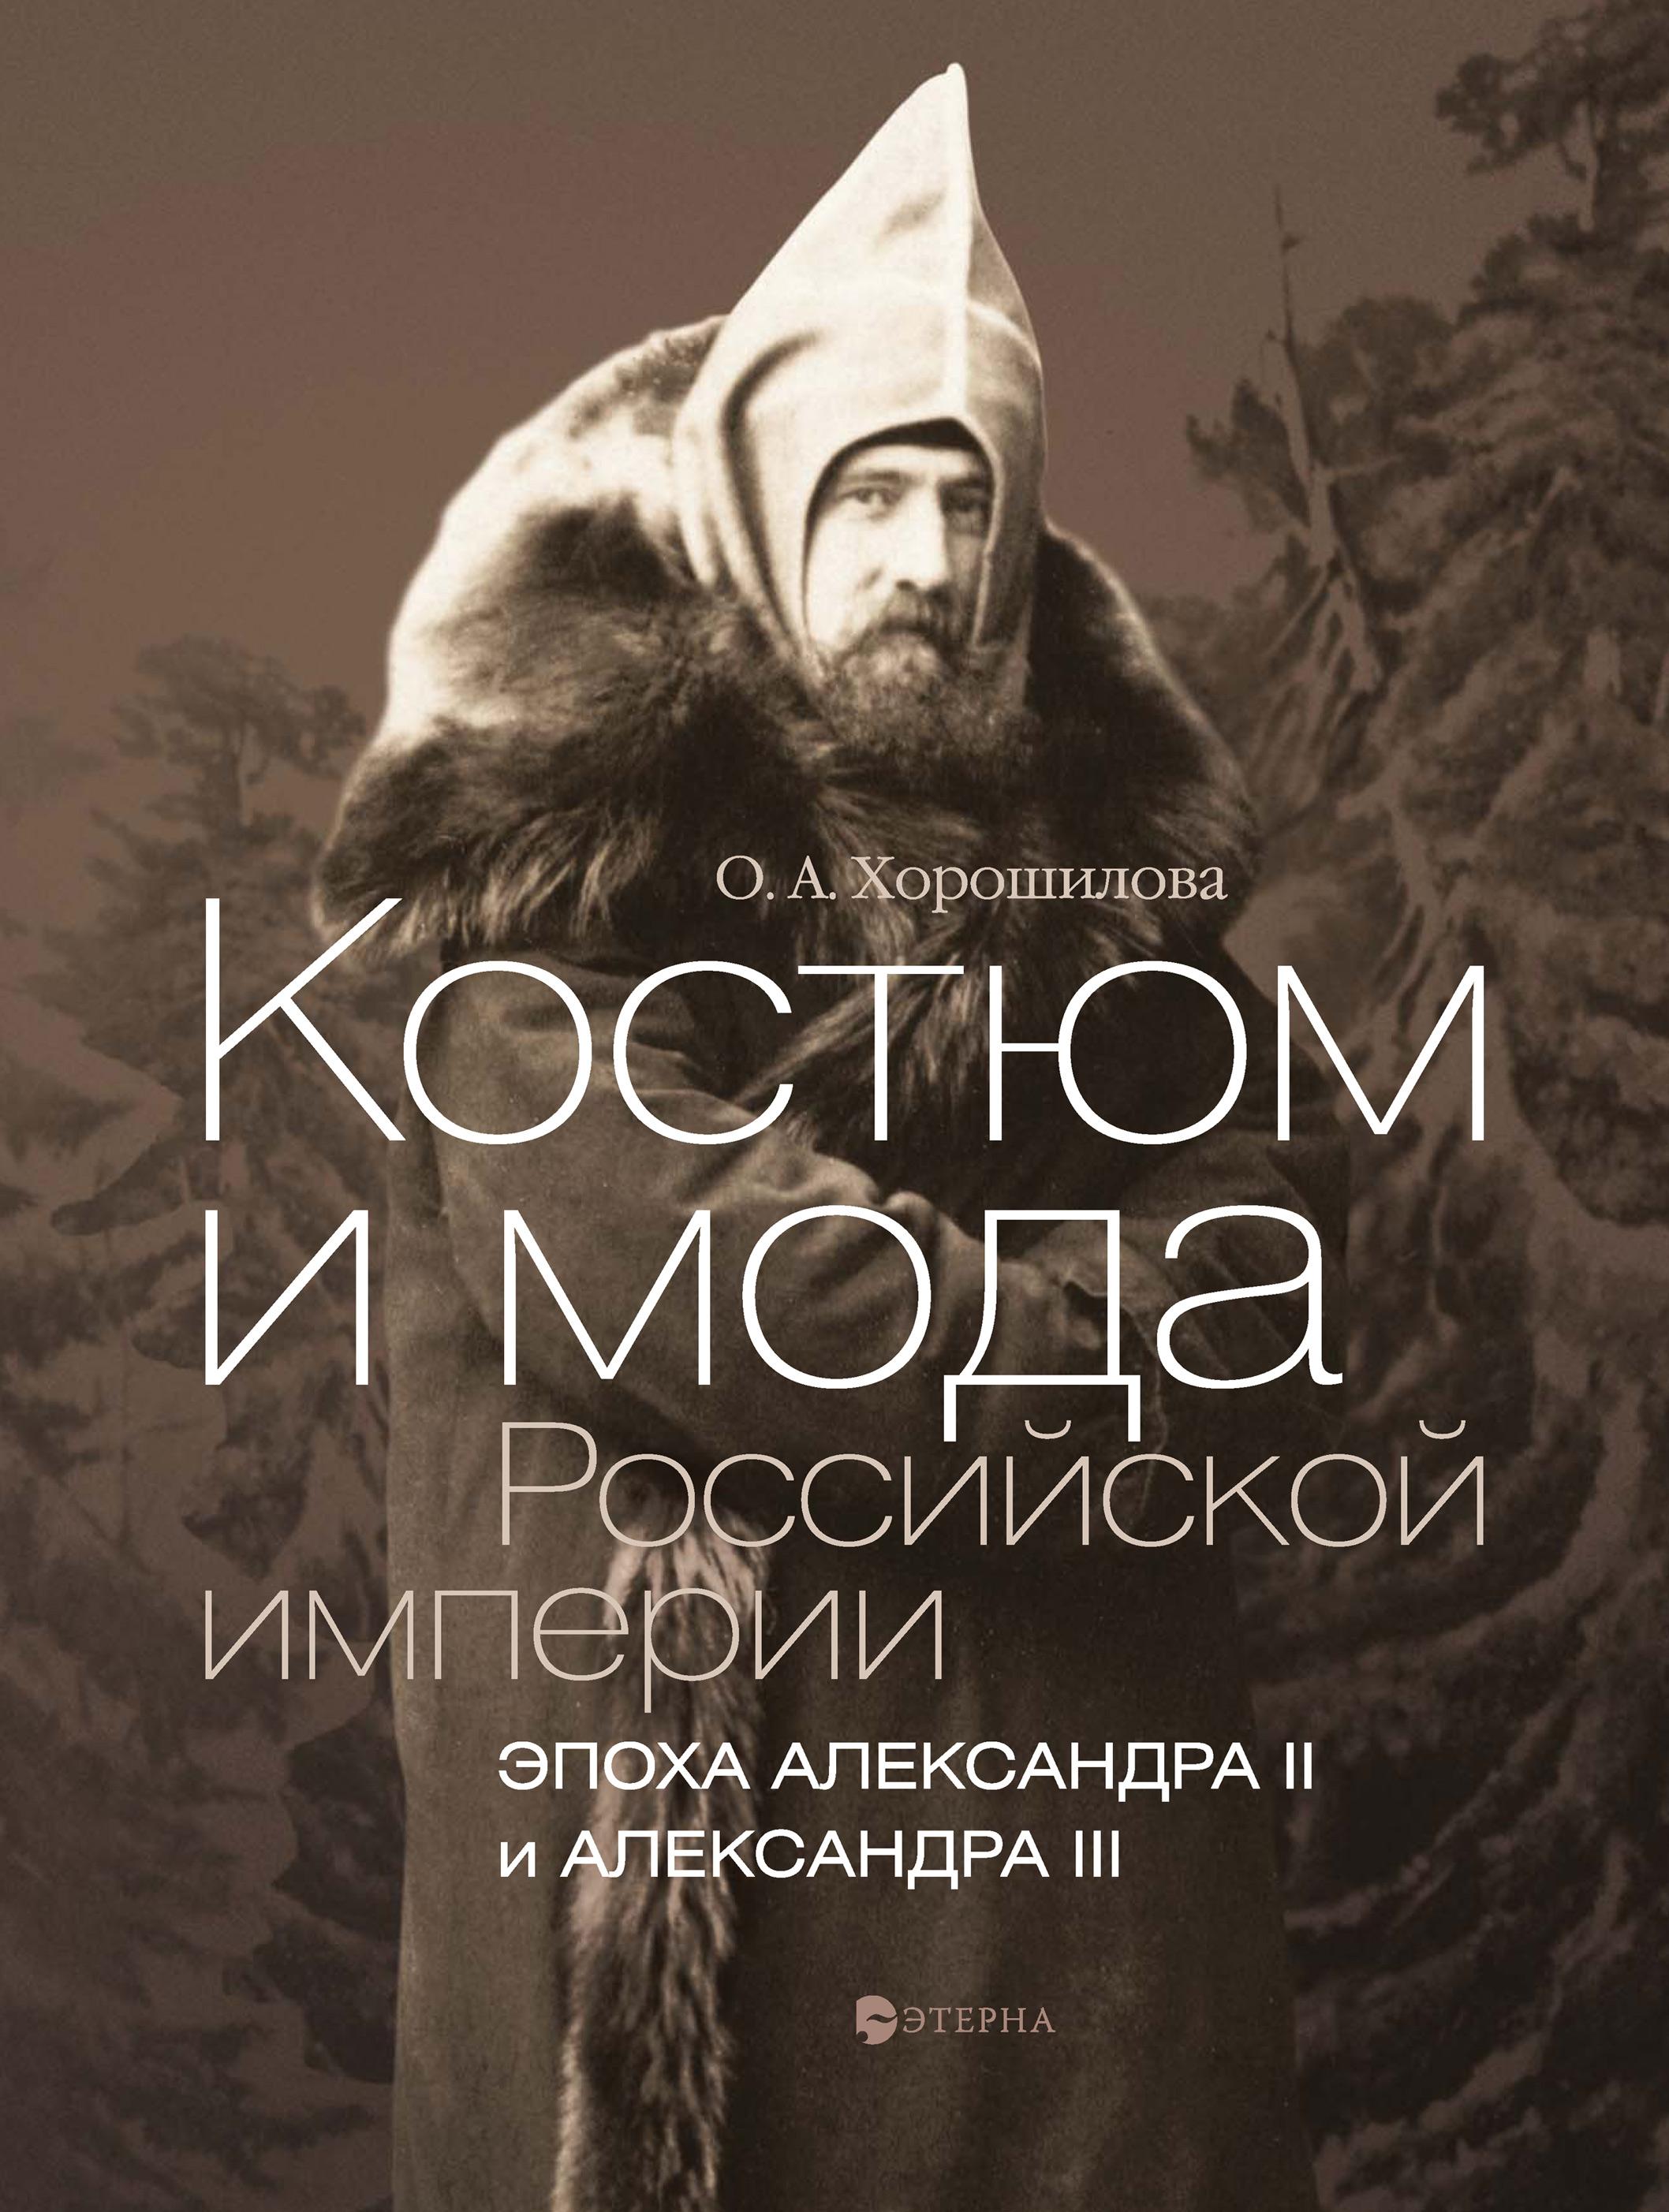 Костюм и мода Российской империи. Эпоха Александра II и Александра III